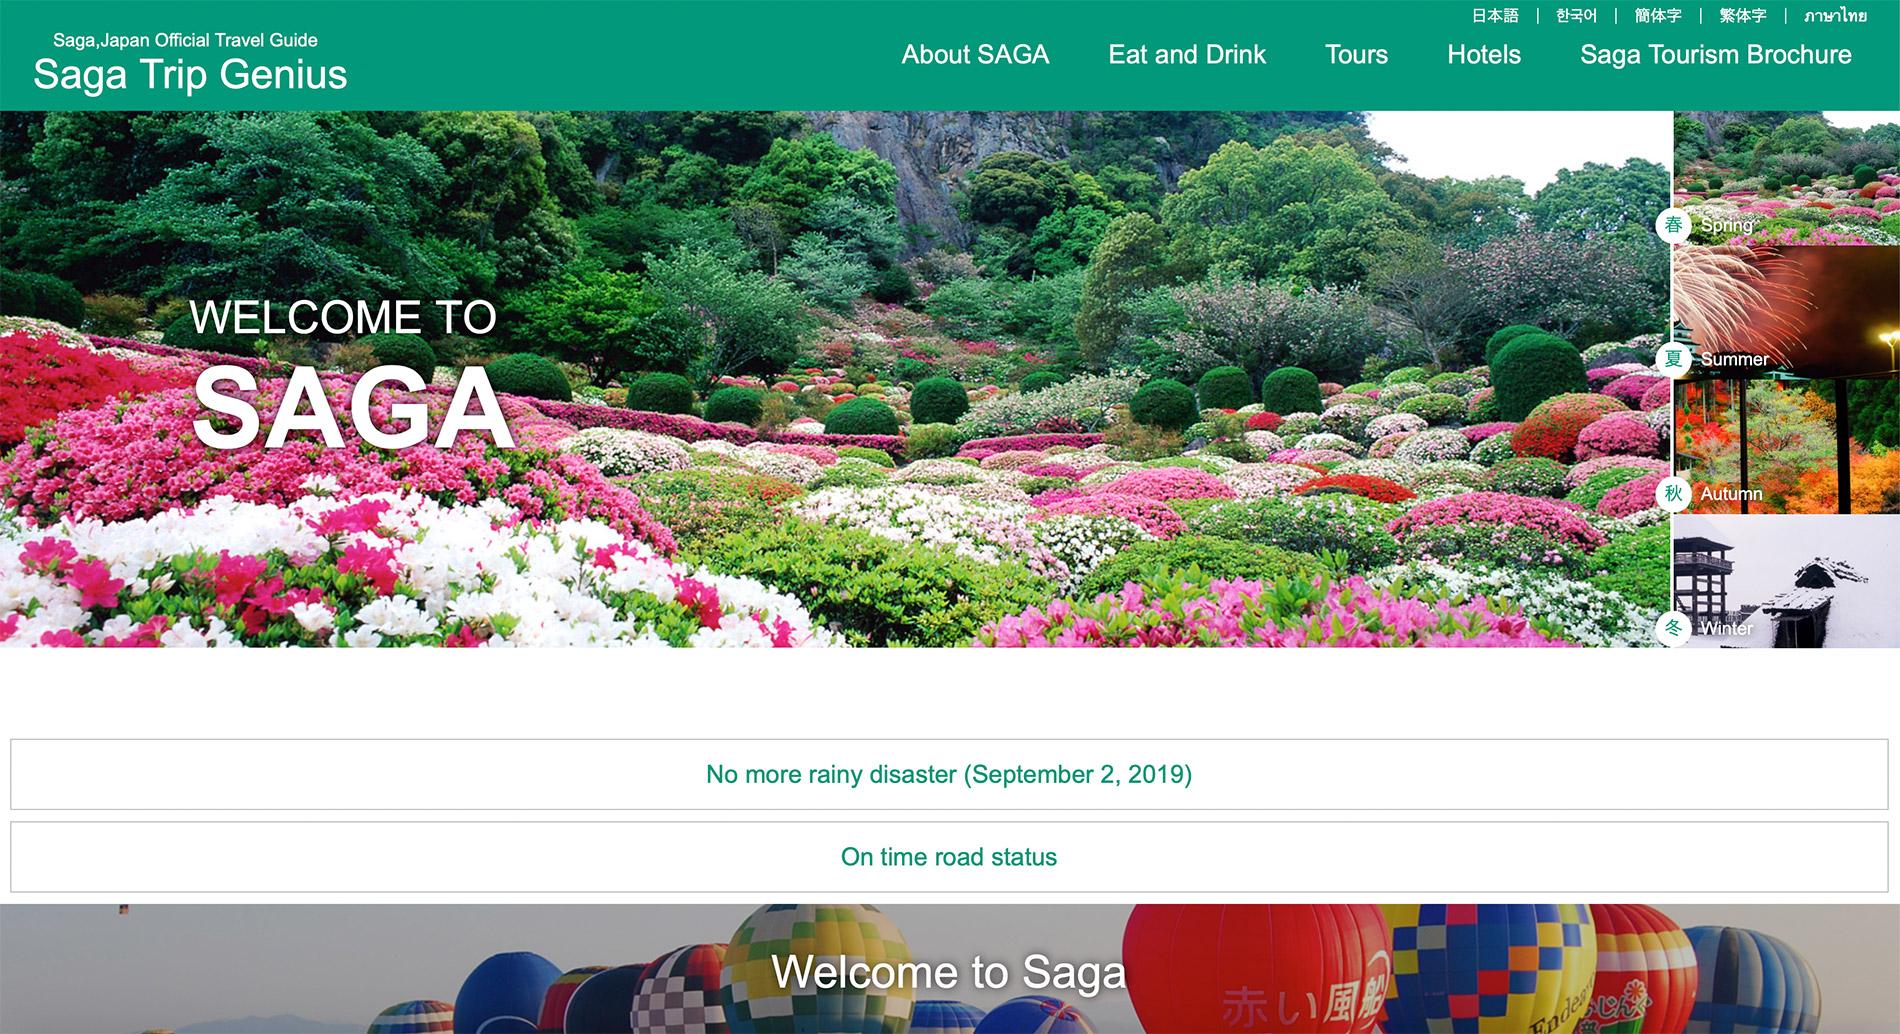 Die englische Webseite des Tourismusverbandes der Präfektur Saga.